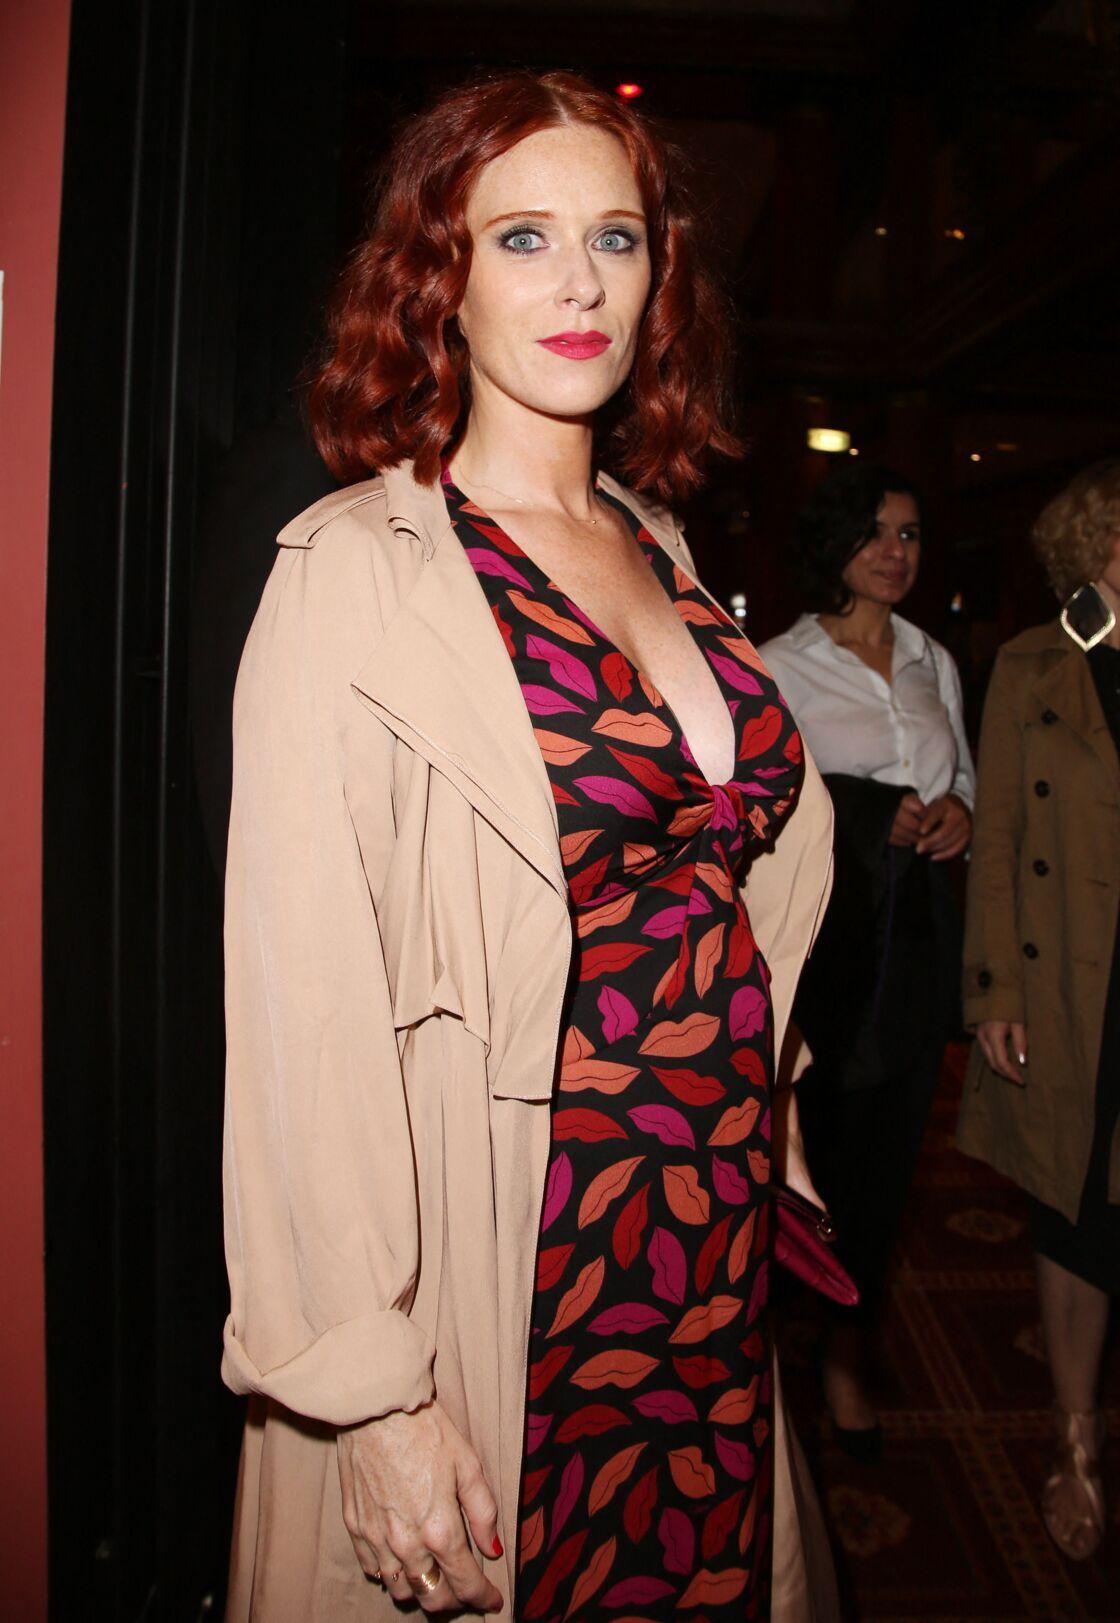 Audrey Fleurot enceinte associe son trench beige à une robe fleurie et décolletée lors du 41ème Festival du film américain de Deauville